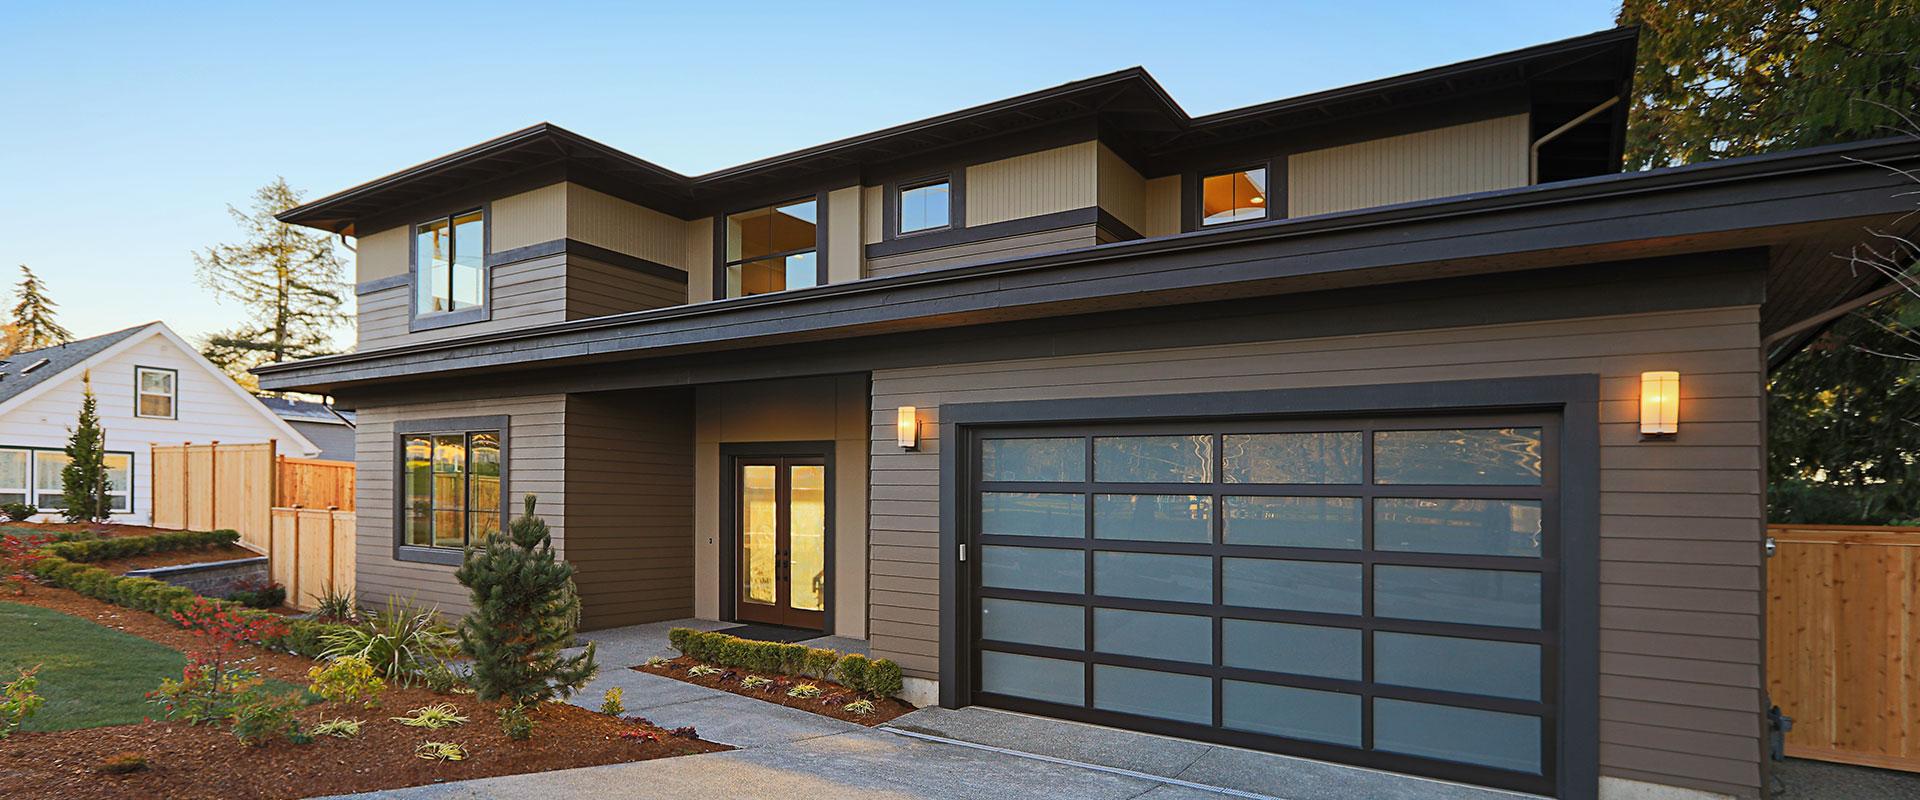 Garage Door Services Peoria Az Garage Door Solutions Llc